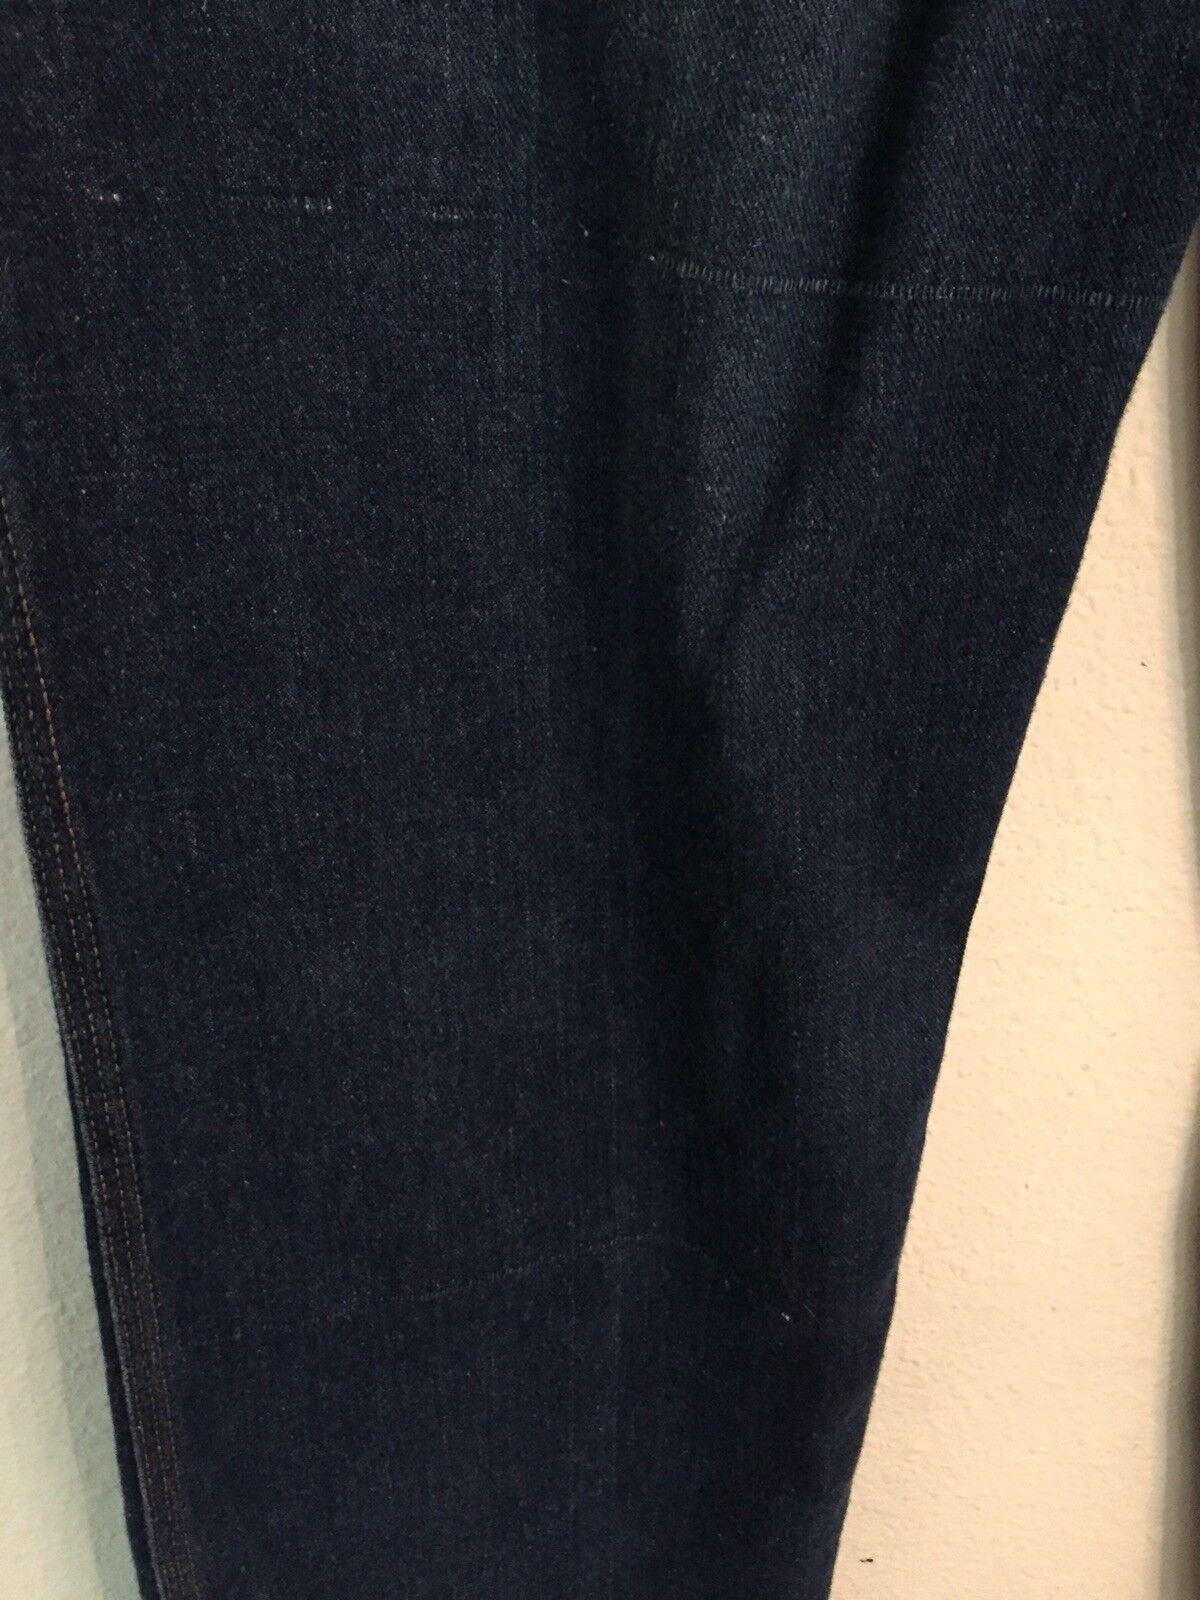 Vintage N'est-Ce Pas? Jeans - image 8